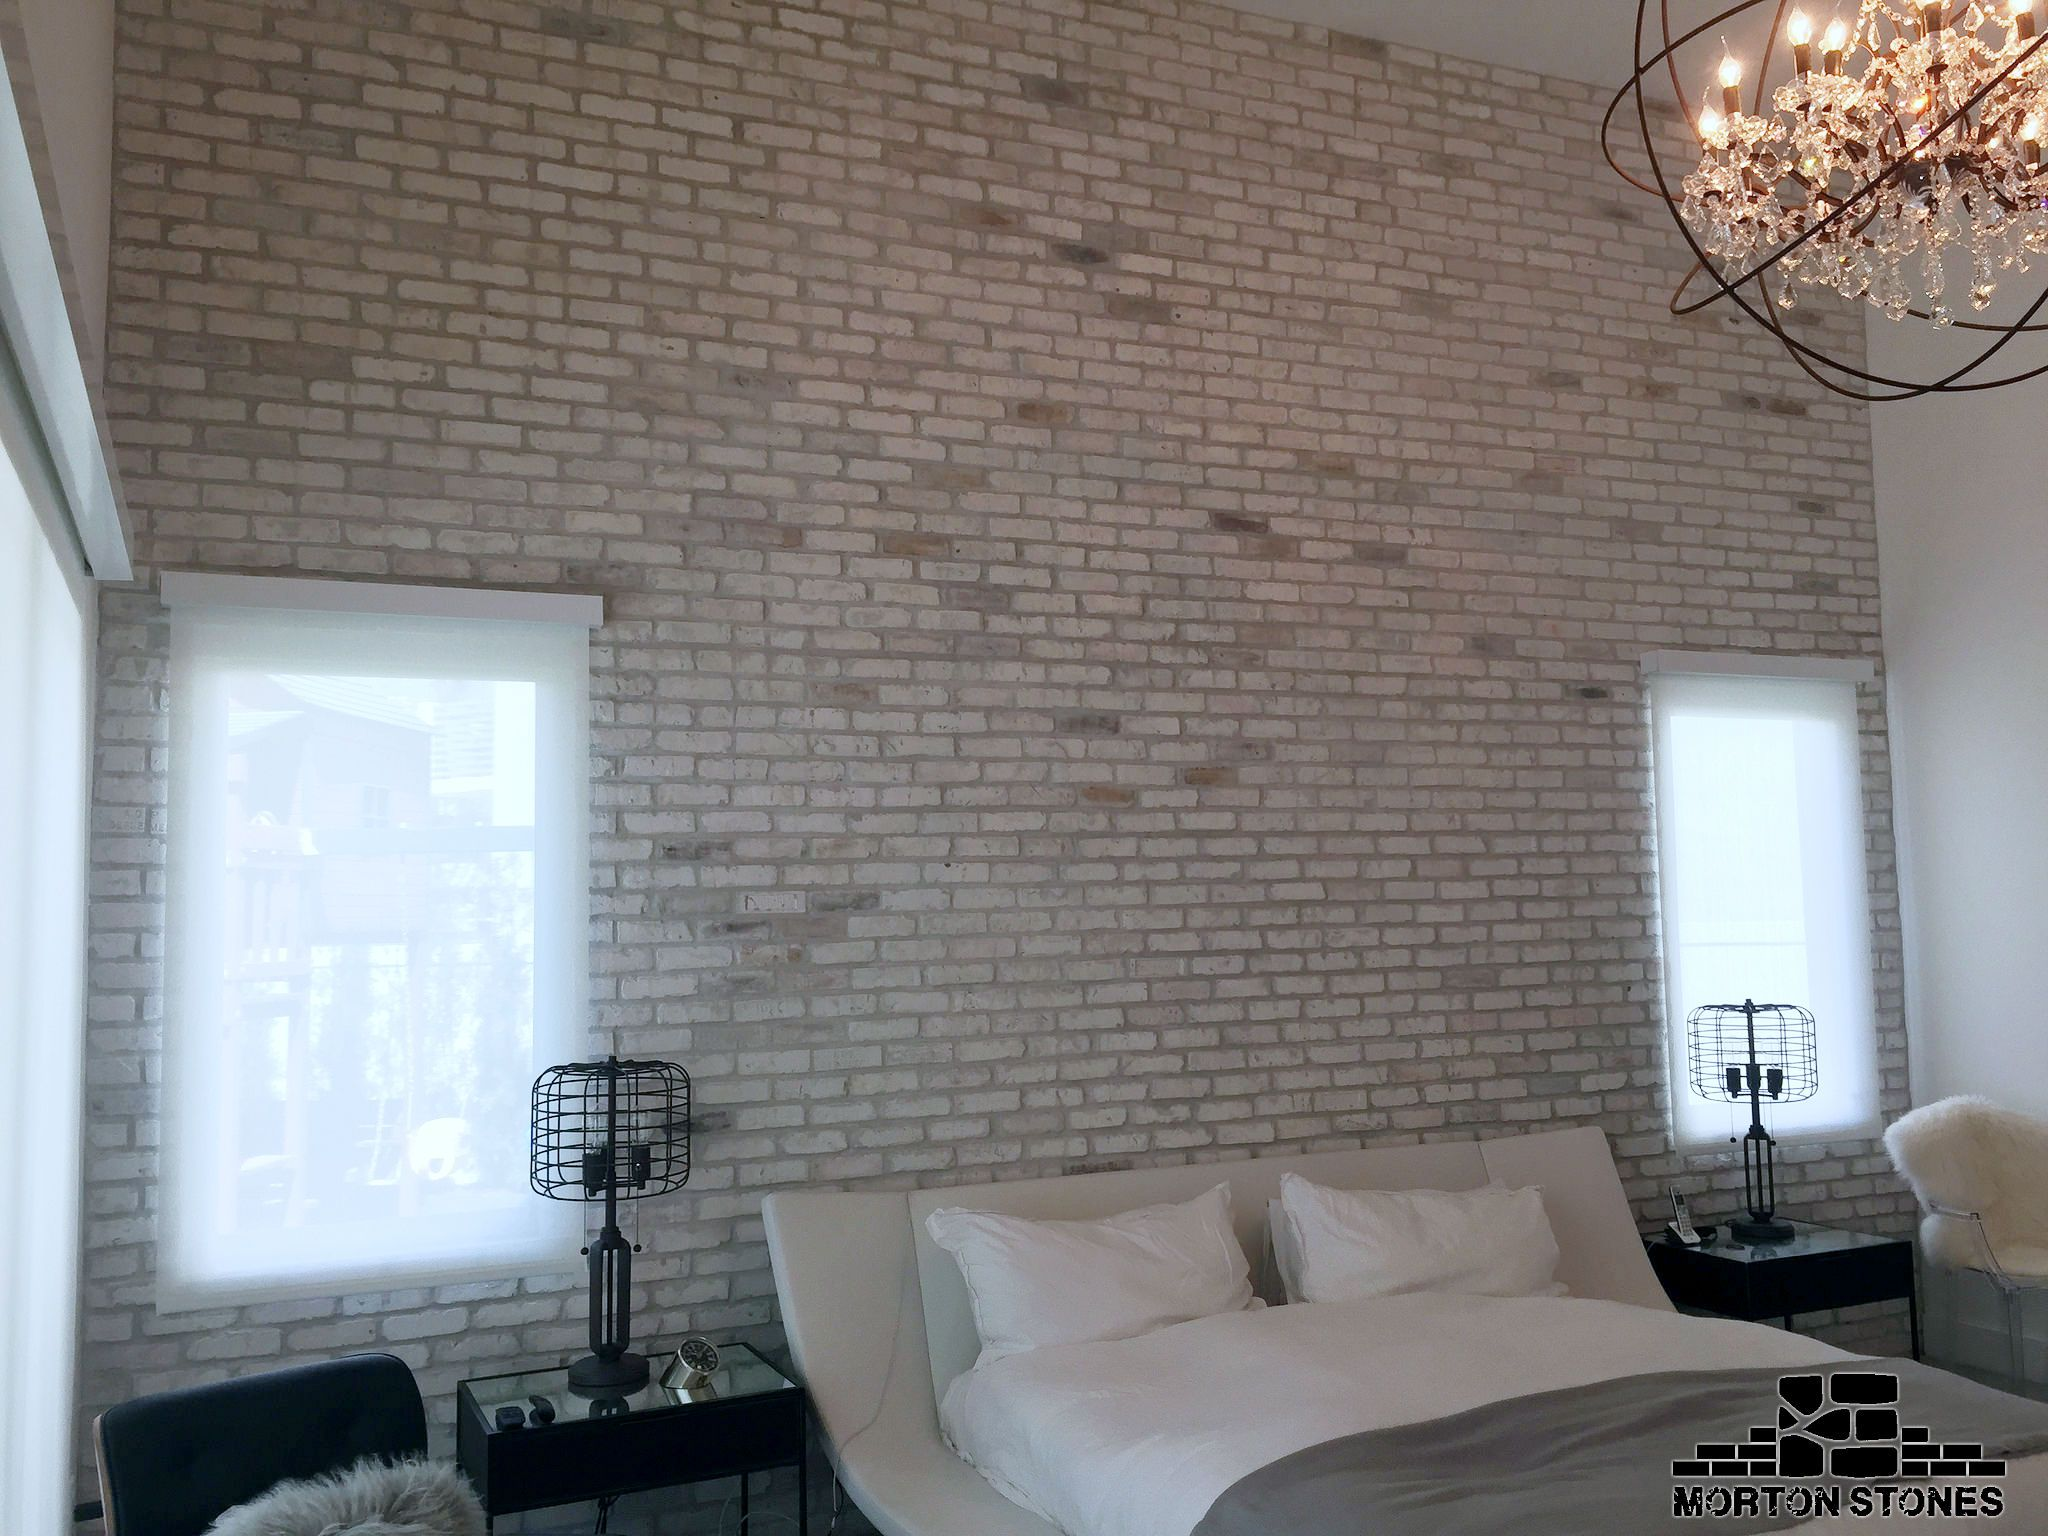 The White Brick Veneer Wall Creates A Cozy Atmosphere Mortonstones Brick Tiles Rustic Home Decor Brick Brick Veneer Wall White Brick Walls Brick Veneer